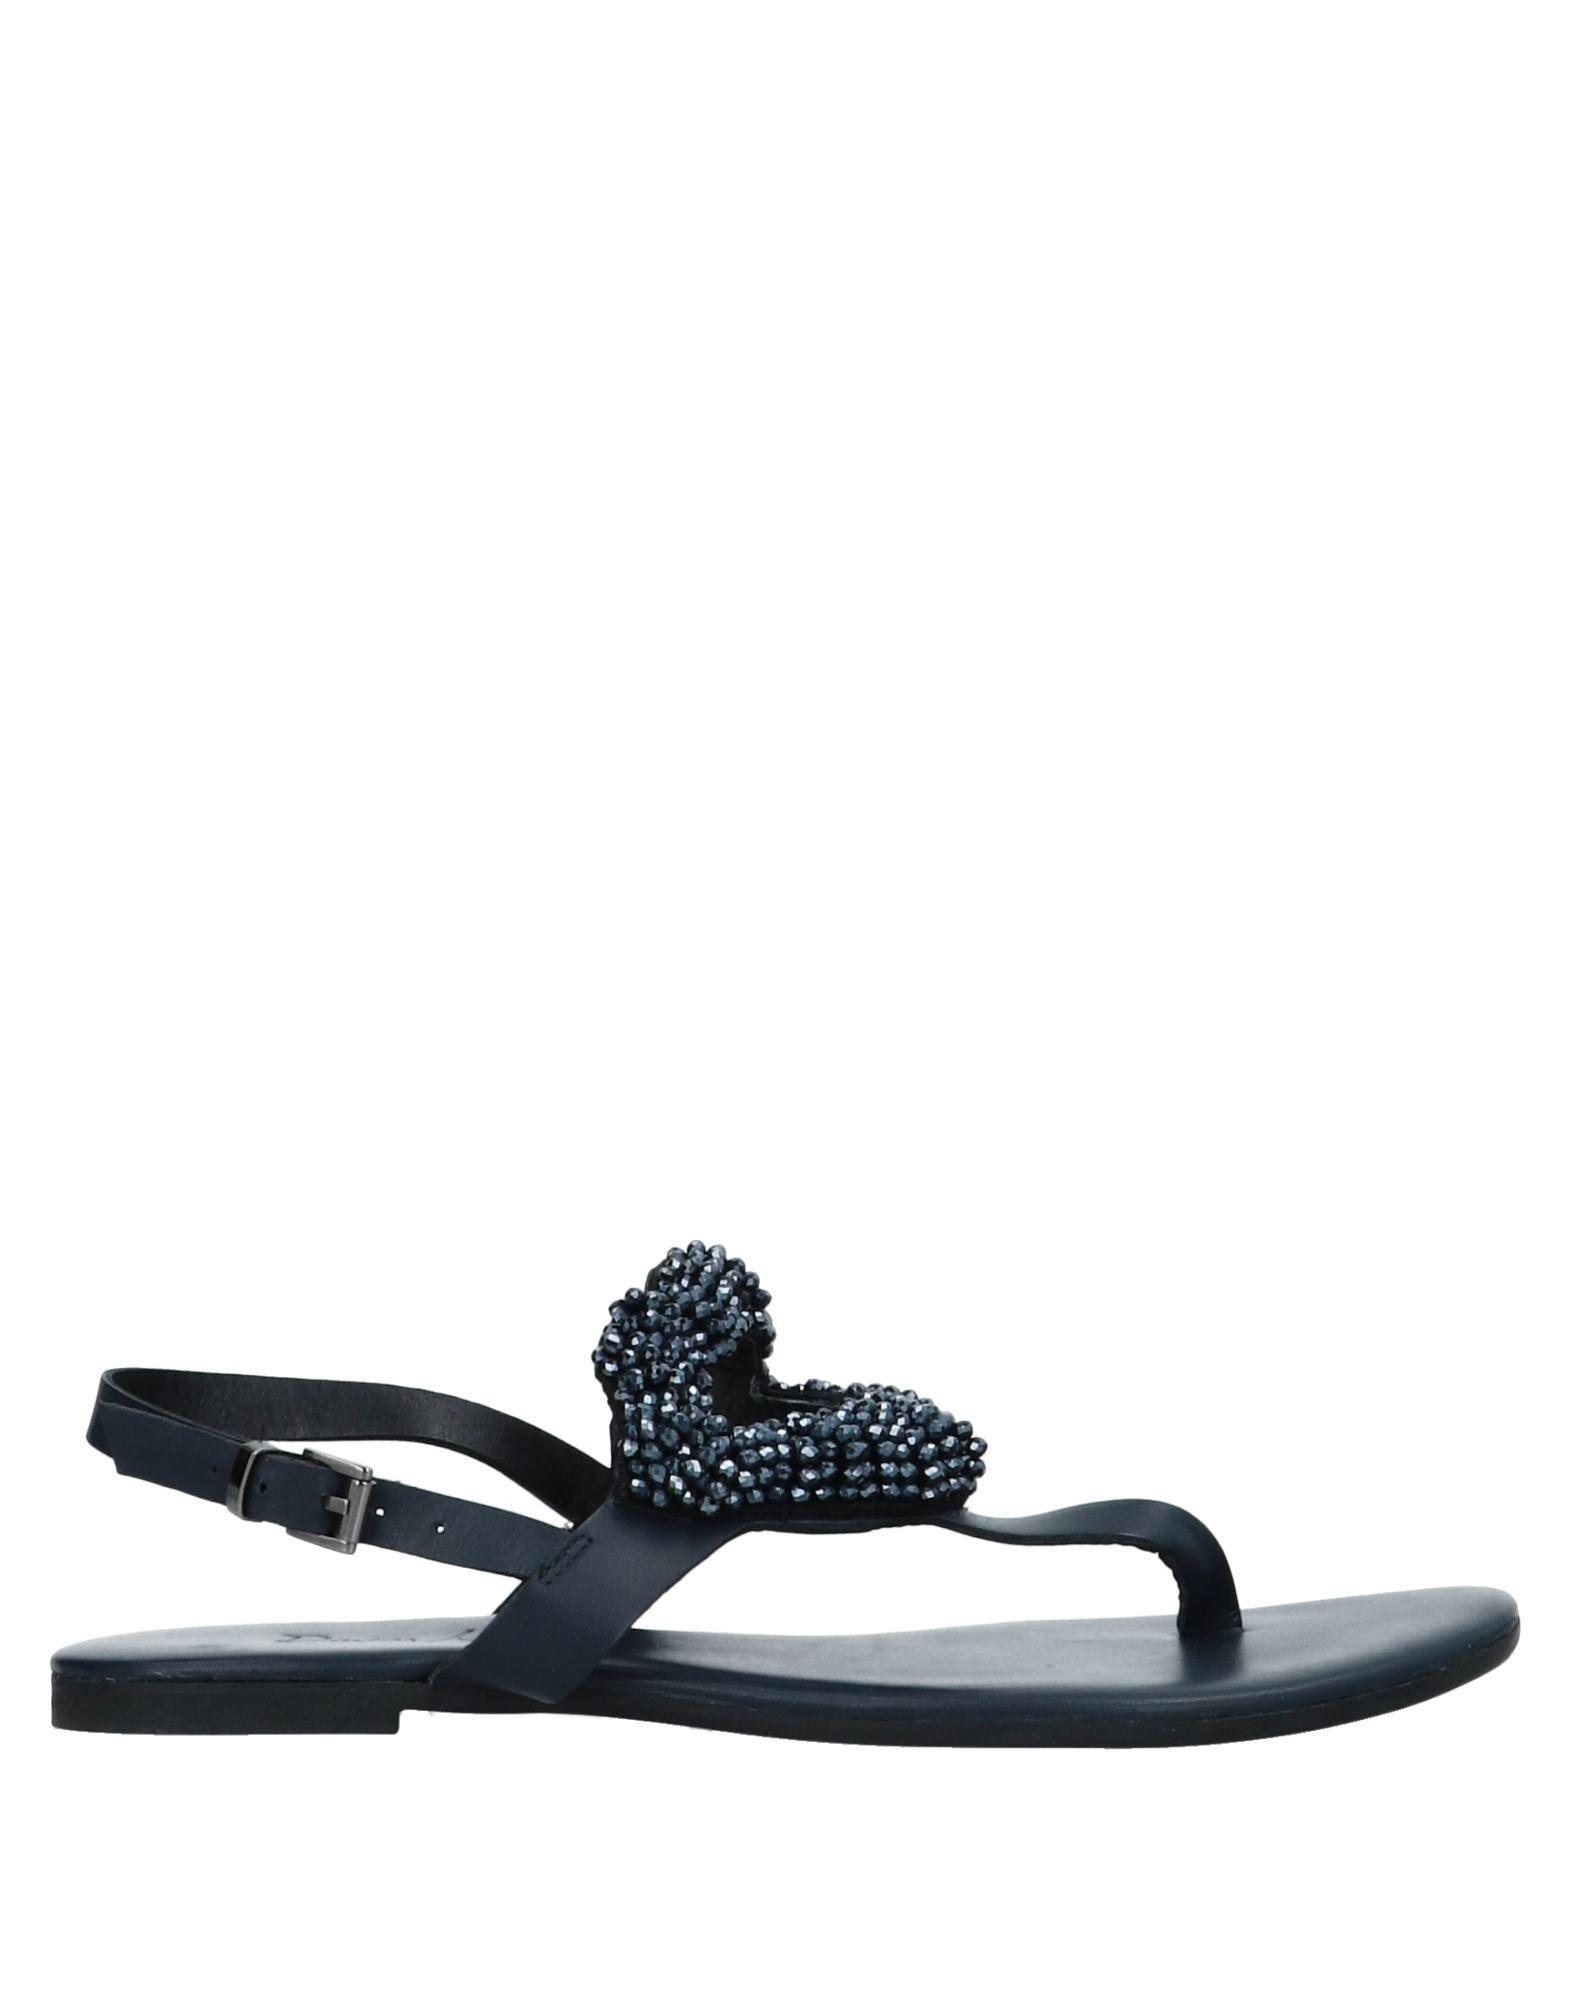 Doriamaria Flip Flops - Women Doriamaria Flip Flops - online on  Australia - Flops 11365013FA 9eaa08